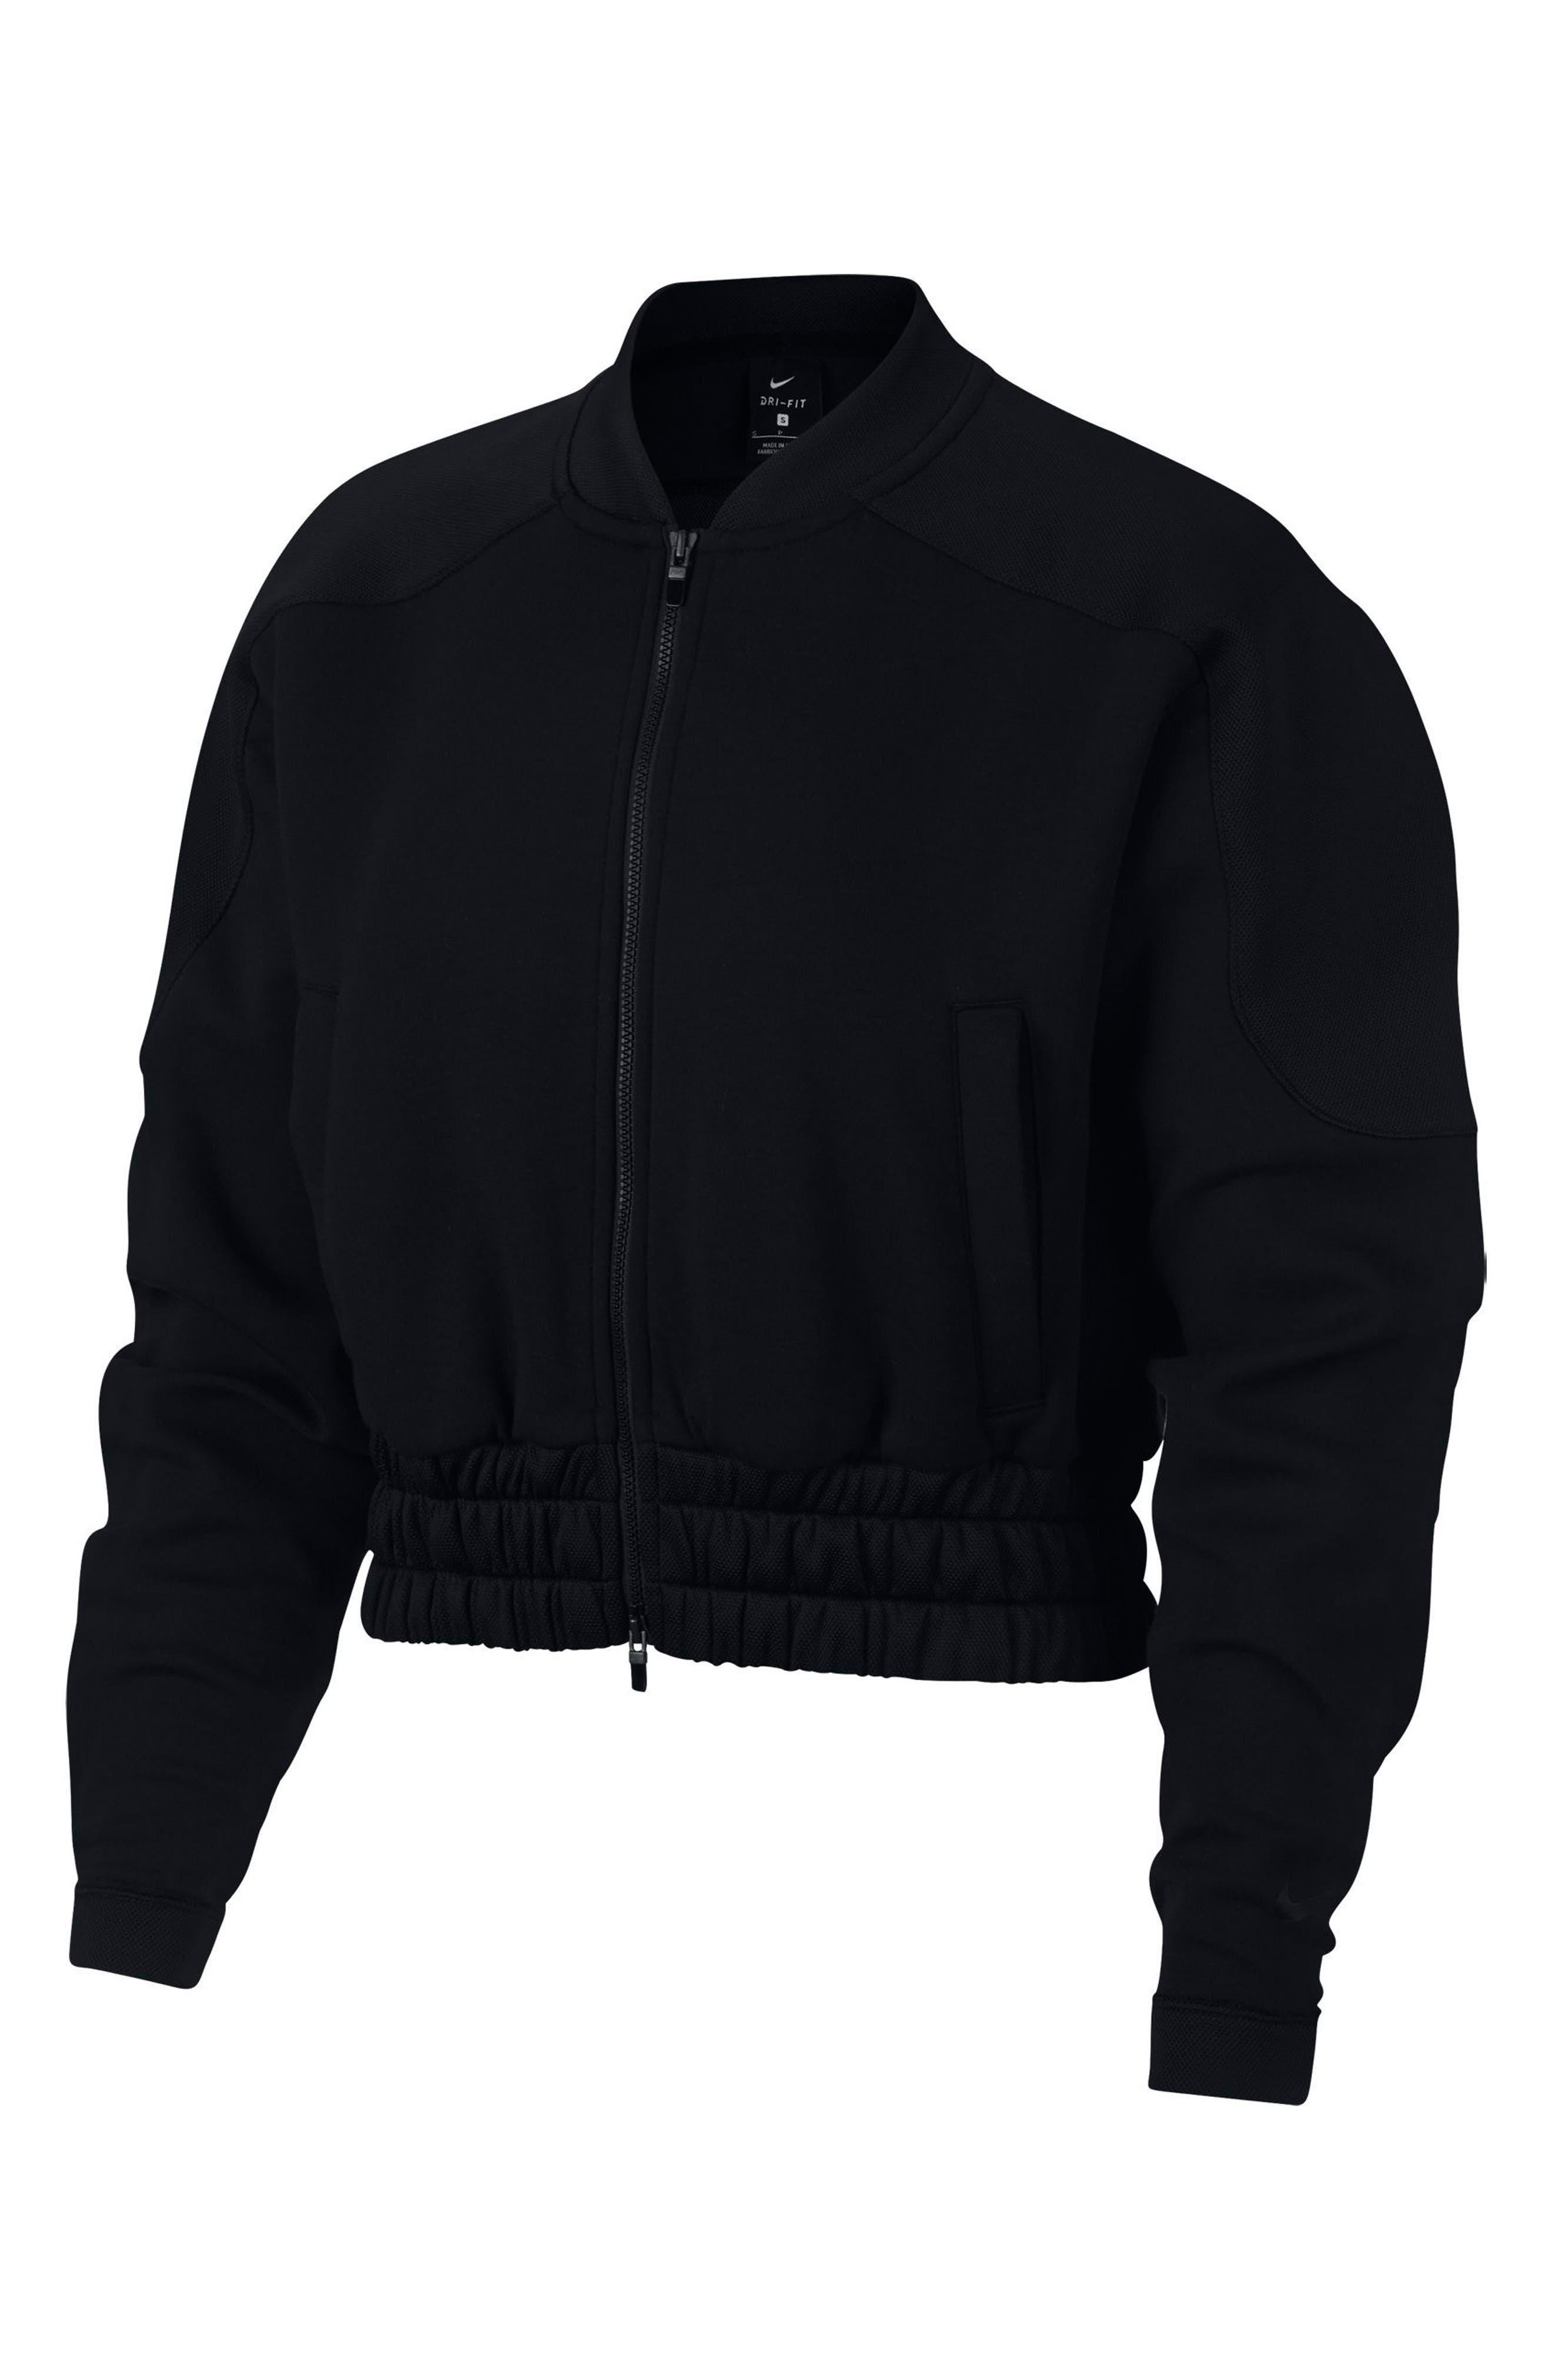 Dry Women's Bomber Jacket,                             Main thumbnail 1, color,                             BLACK/ BLACK